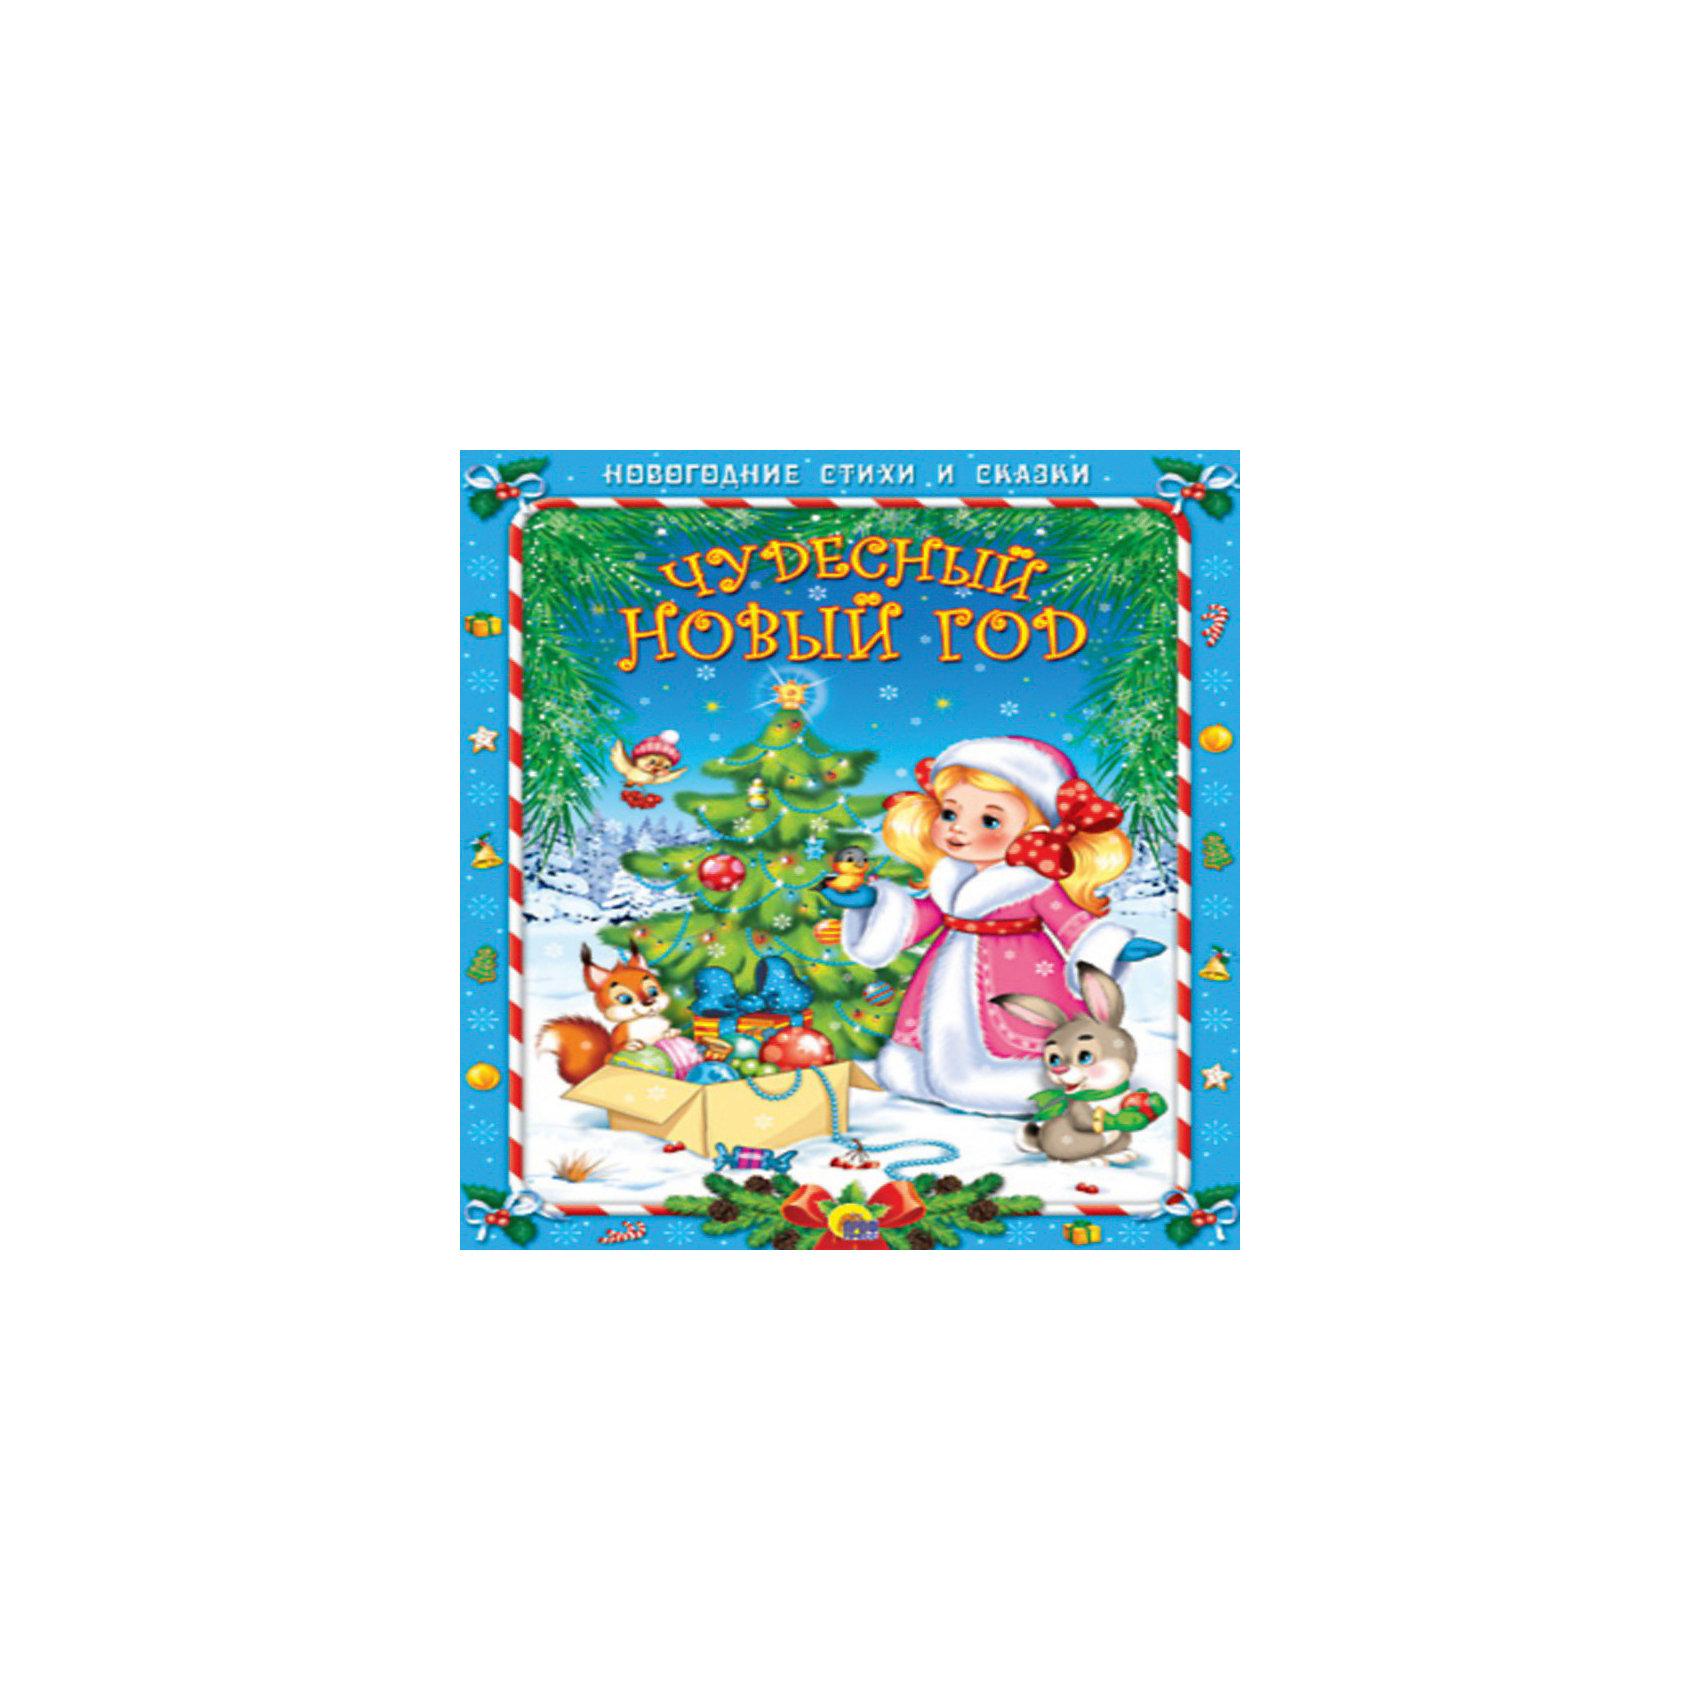 Сборник стихов и сказок Чудесный новый годНовогодние книги<br>Сборник включает произведения о веселом и чудесном празднике Новый год! Красочные иллюстрации сопровождают каждую страницу книги. <br><br>Дополнительная информация:<br><br>- Формат: 260x203 мм<br>- Количество страниц: 80 страниц<br>- Переплет: жесткий<br>- Автор, содержание: Манакова, Мария. Снегурочка-волшебница;<br>Ушкина, Наталья. Веселый Новый год; Лясковский, Виктор. Как-то раз под Новый год.; Нестеренко, Владимир. Снеговик и Новый год ;<br>Балуева, Оксана. Песенка Новогодней феи; Стрельникова, Кристина. Кто пришел на Новый год?<br>- Иллюстратор: Колыванова, Т;  Сазонова, М ; Шляхов, И ; Шульга, Е. <br>- Иллюстрации: цветные<br><br>Сборник стихов и сказок Чудесный новый год ( Проф-пресс) можно купить в нашем магазине<br><br>Ширина мм: 205<br>Глубина мм: 10<br>Высота мм: 260<br>Вес г: 340<br>Возраст от месяцев: 24<br>Возраст до месяцев: 60<br>Пол: Унисекс<br>Возраст: Детский<br>SKU: 3850321